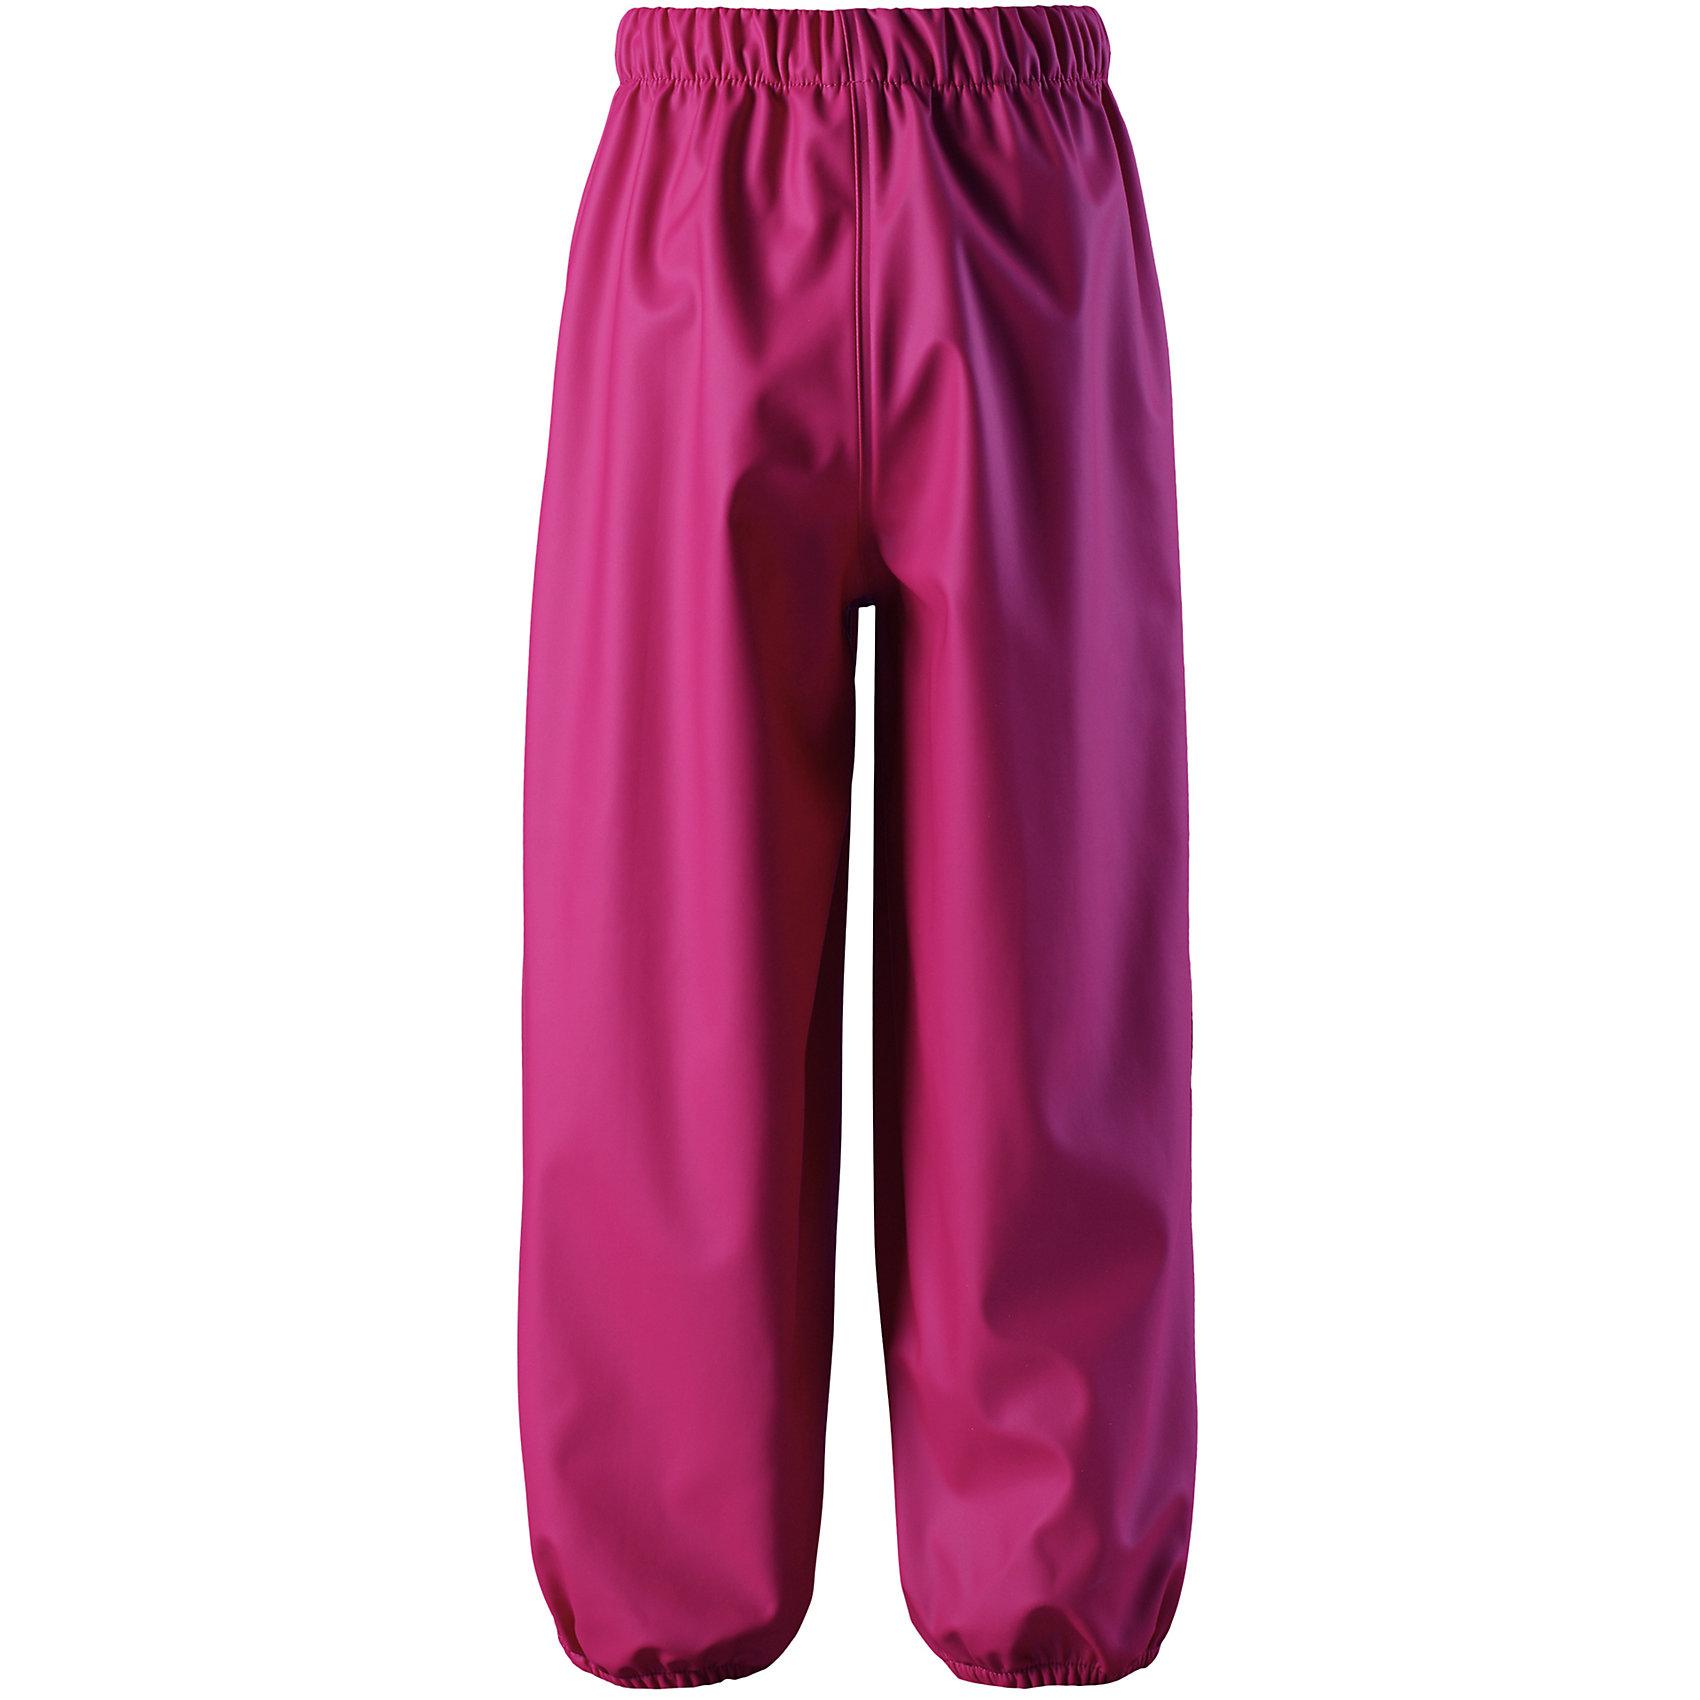 Дождевые брюки Reima OjaОдежда<br>Характеристики товара:<br><br>• цвет: розовый;<br>• состав: 100% полиэстер;<br>• без подкладки и утеплителя;<br>• температурный режим: от +15 до -15С;<br>• сезон: демисезон; <br>• водонепроницаемость: 8000 мм;<br>• брюки для дождливой погоды;<br>• запаянные швы, не пропускающие влагу;<br>• эластичный материал;<br>• без ПВХ;<br>• эластичная талия;<br>• эластичные штанины;<br>• съемные эластичные штрипки в размерах от 104 до 128;<br>• светоотражающие детали;<br>• страна бренда: Финляндия;<br>• страна изготовитель: Китай.<br><br>Классические детские брюки для дождливой погоды очень просторные – под них можно свободно поддеть теплую одежду. Запаянные швы не пропустят вовнутрь ни одной капельки, ведь эти прочные непромокаемые брюки специально созданы для максимальной защиты во время веселых игр под дождем. <br><br>Благодаря эластичной талии, брюки отлично сидят, а съемные штрипки в размерах 104-128 см не дают брючинам задираться. Светоотражающие детали помогут лучше разглядеть ребенка в темное время суток. Материал не содержит ПВХ.<br><br>Брюки Oja Reima от финского бренда Reima (Рейма) можно купить в нашем интернет-магазине.<br><br>Ширина мм: 215<br>Глубина мм: 88<br>Высота мм: 191<br>Вес г: 336<br>Цвет: розовый<br>Возраст от месяцев: 36<br>Возраст до месяцев: 48<br>Пол: Унисекс<br>Возраст: Детский<br>Размер: 104,140,134,128,122,116,110<br>SKU: 6901573